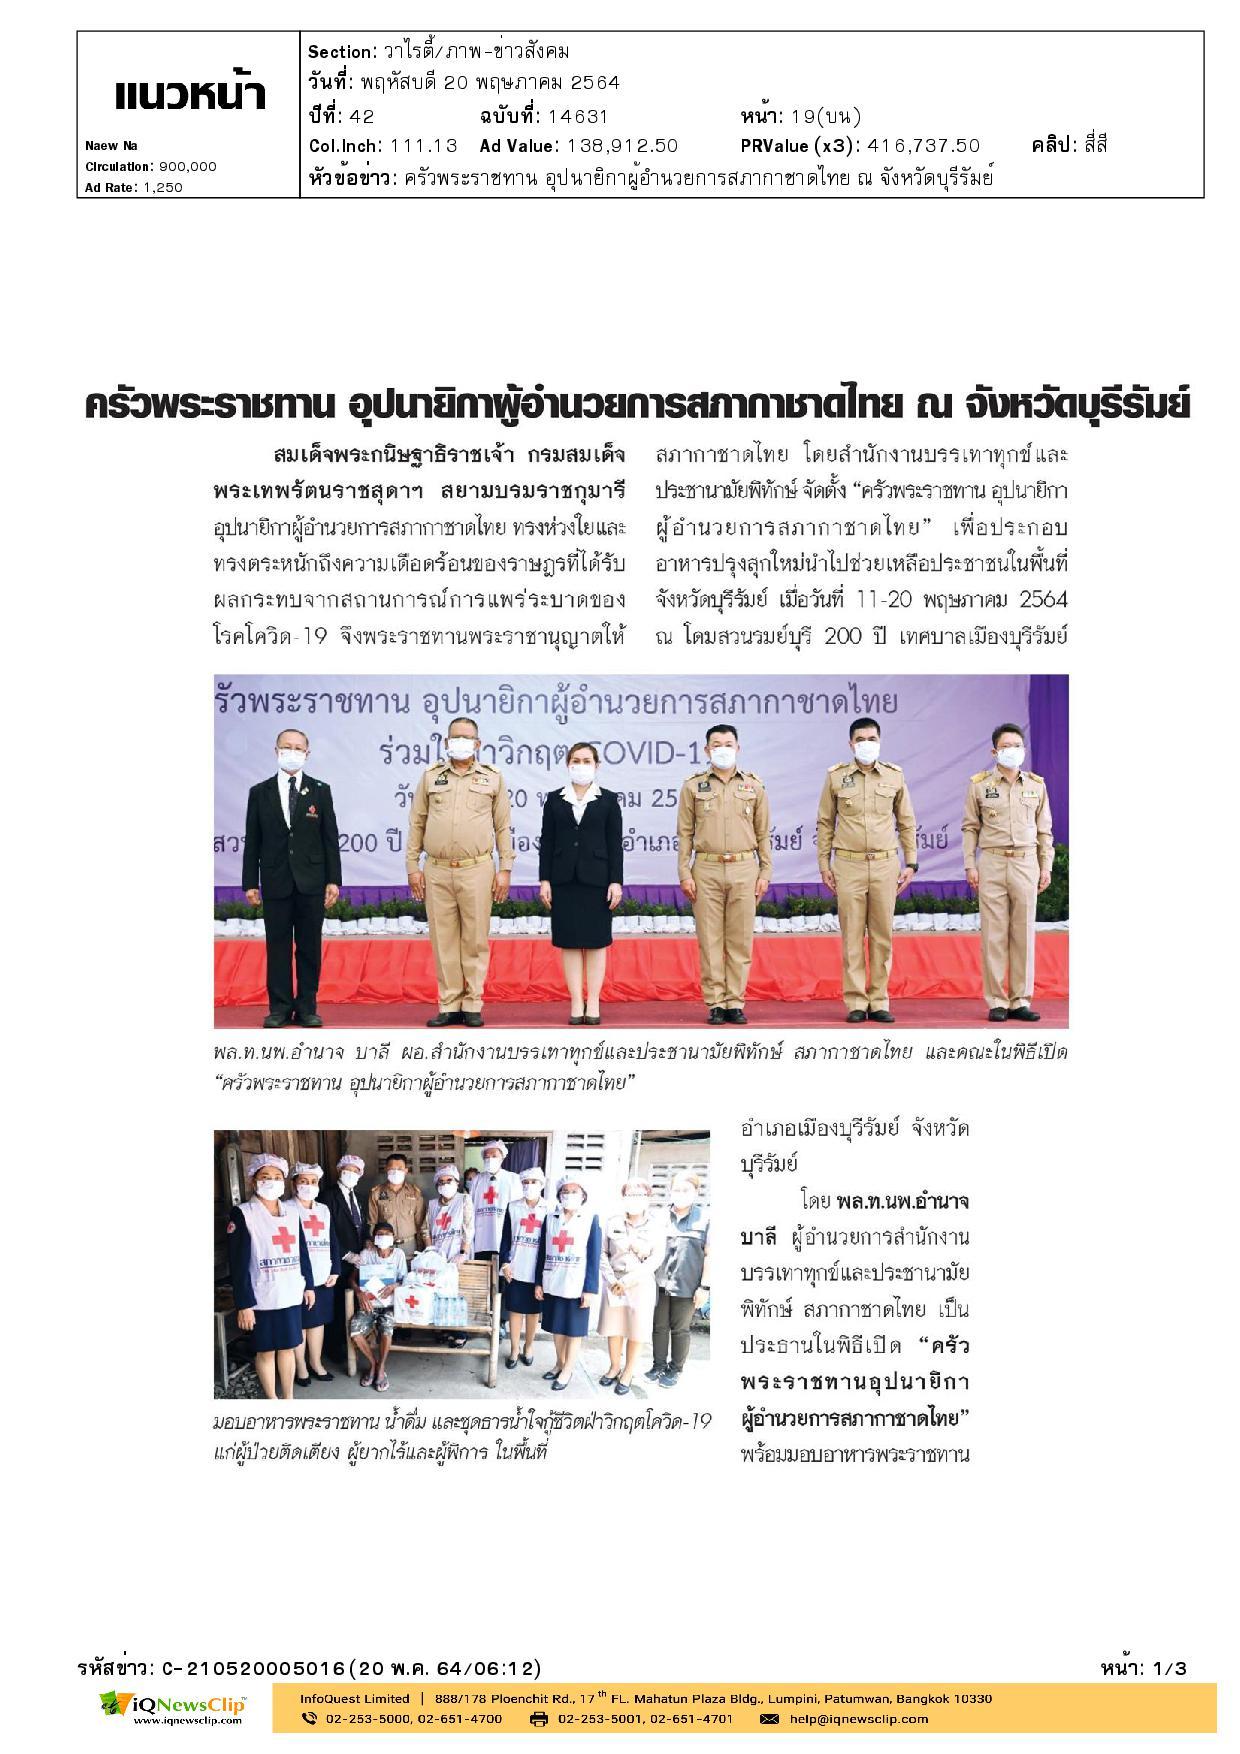 พลโท นพ.อำนาจ บาลี เป็นประธานในพิธีเปิดครัวพระราชทานอุปนายิกาสภากาชาดไทย